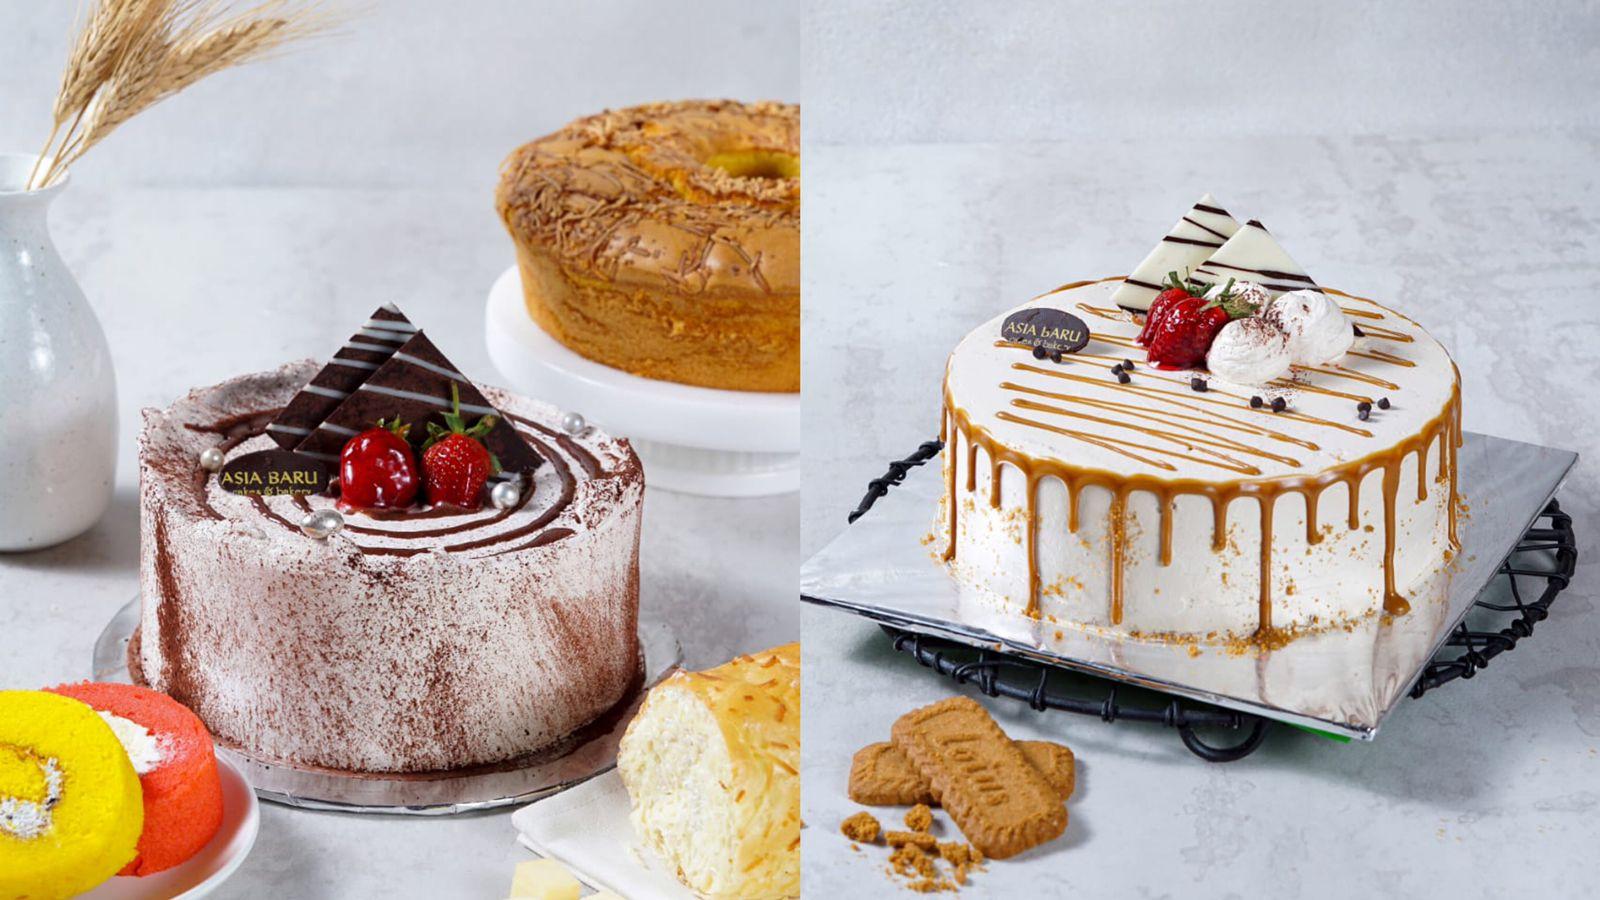 Asia Baru Cake & Bakery, Toko Kue dan Roti di Kendari